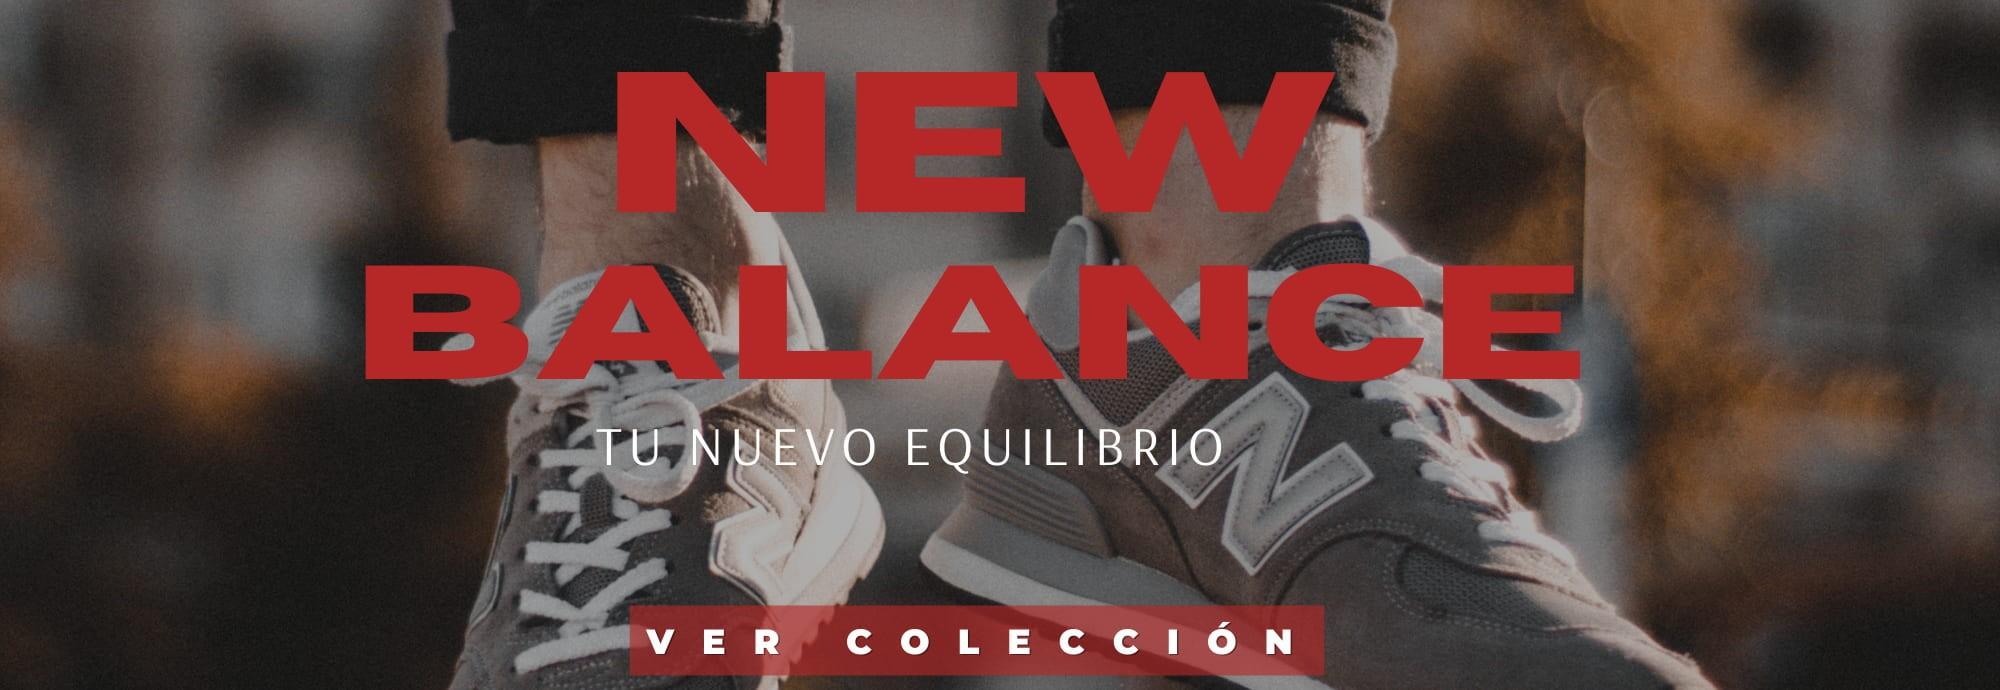 Temporada nueva de New Balance